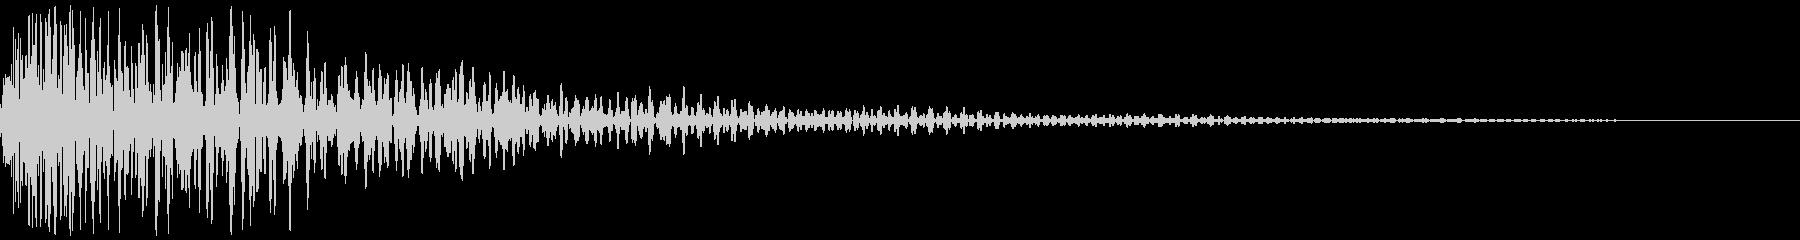 コミカルな衝突音 ボヨーンと弾む音_01の未再生の波形